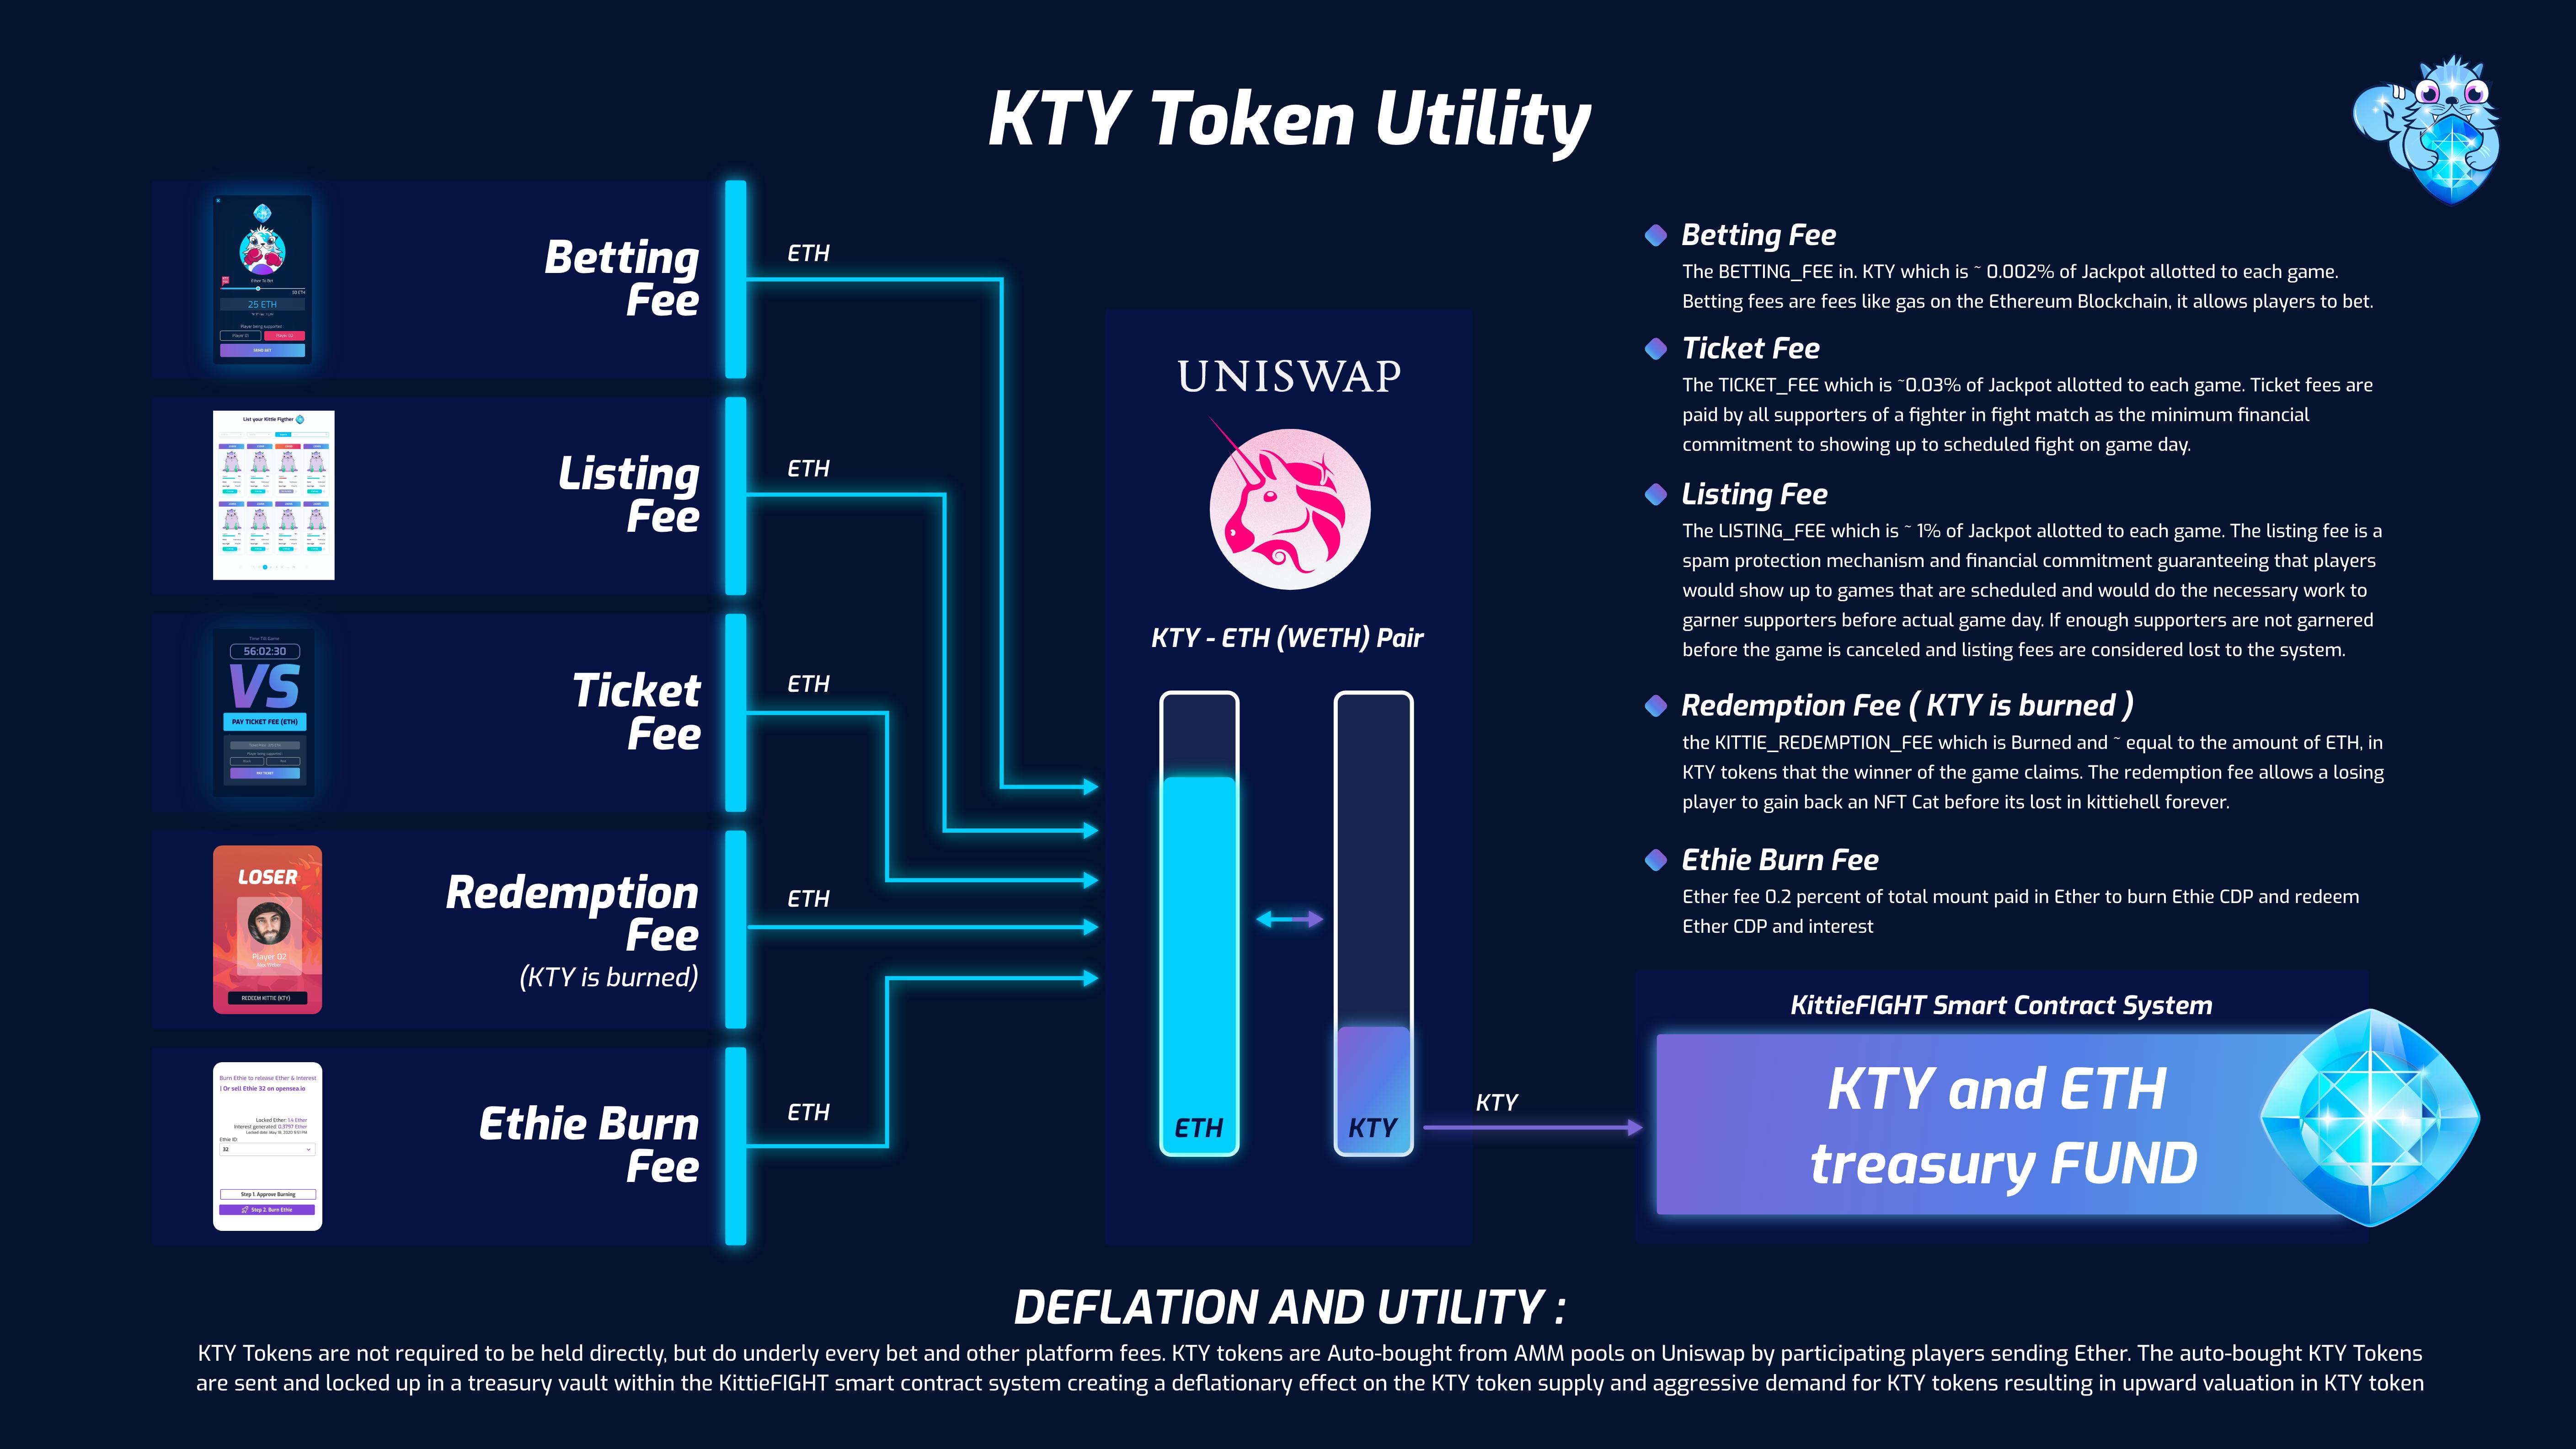 KTY Token Utility